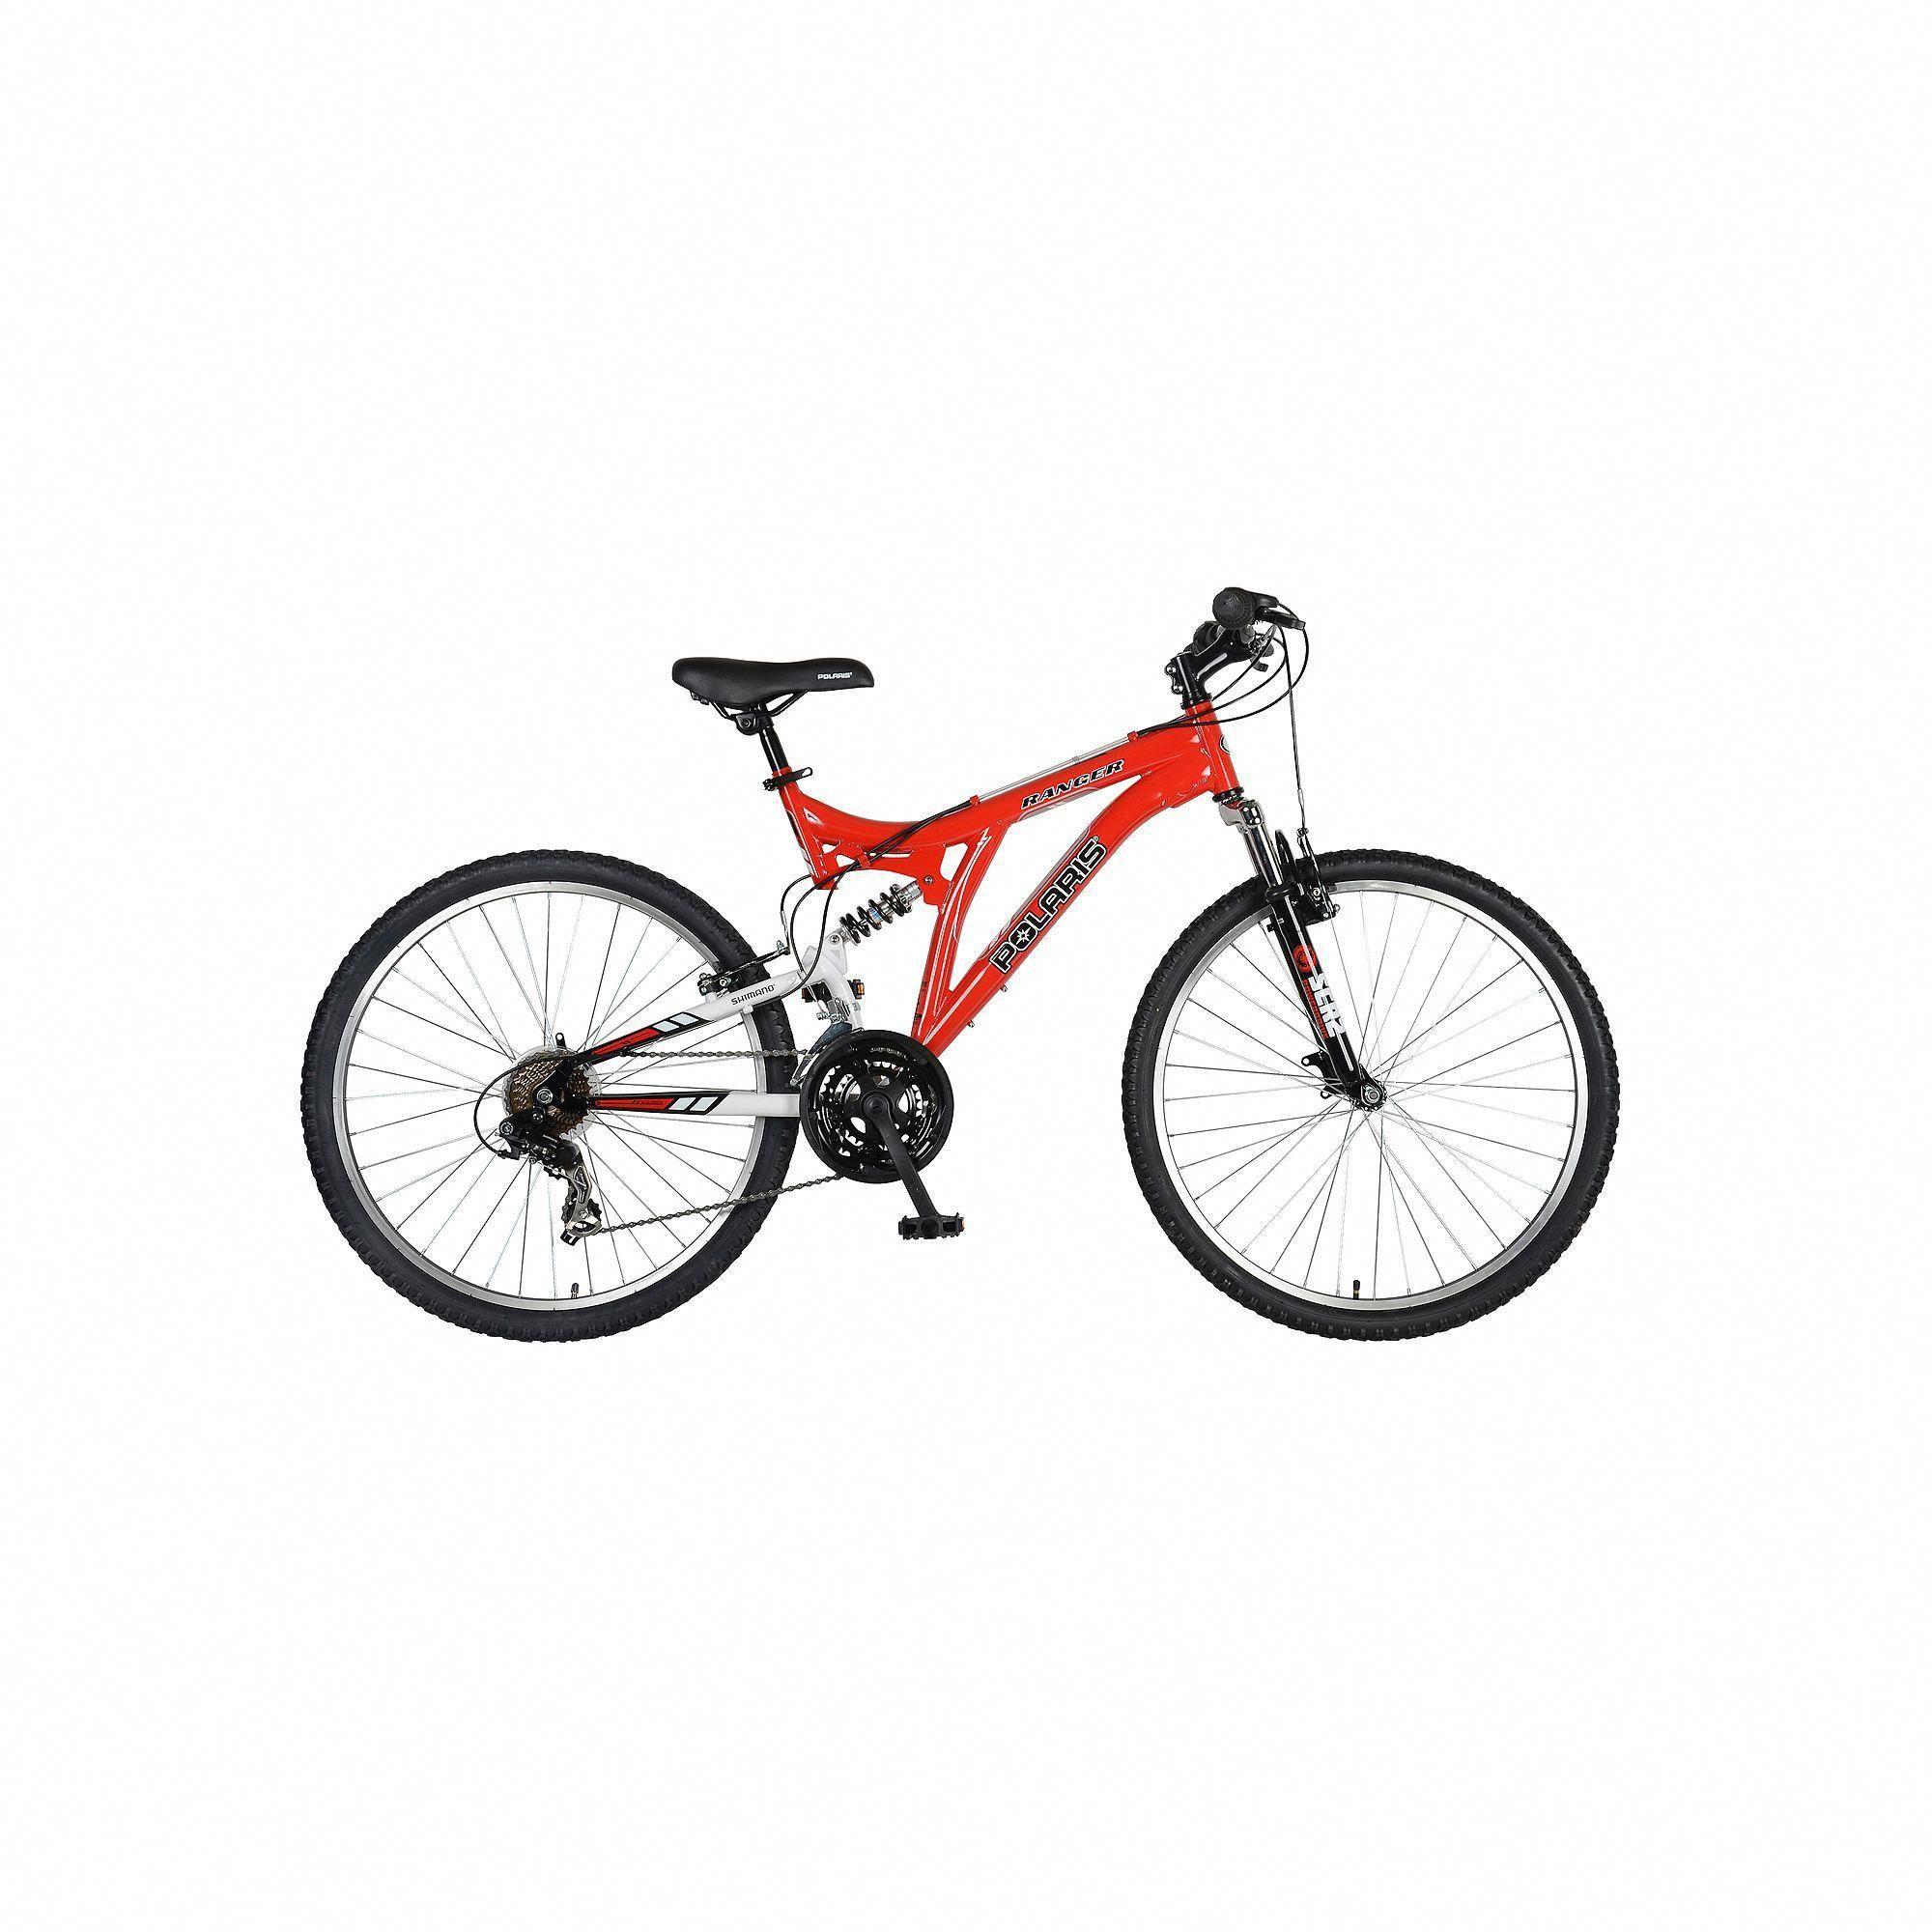 Types Of Bikes With Images Mens Mountain Bike Polaris Ranger